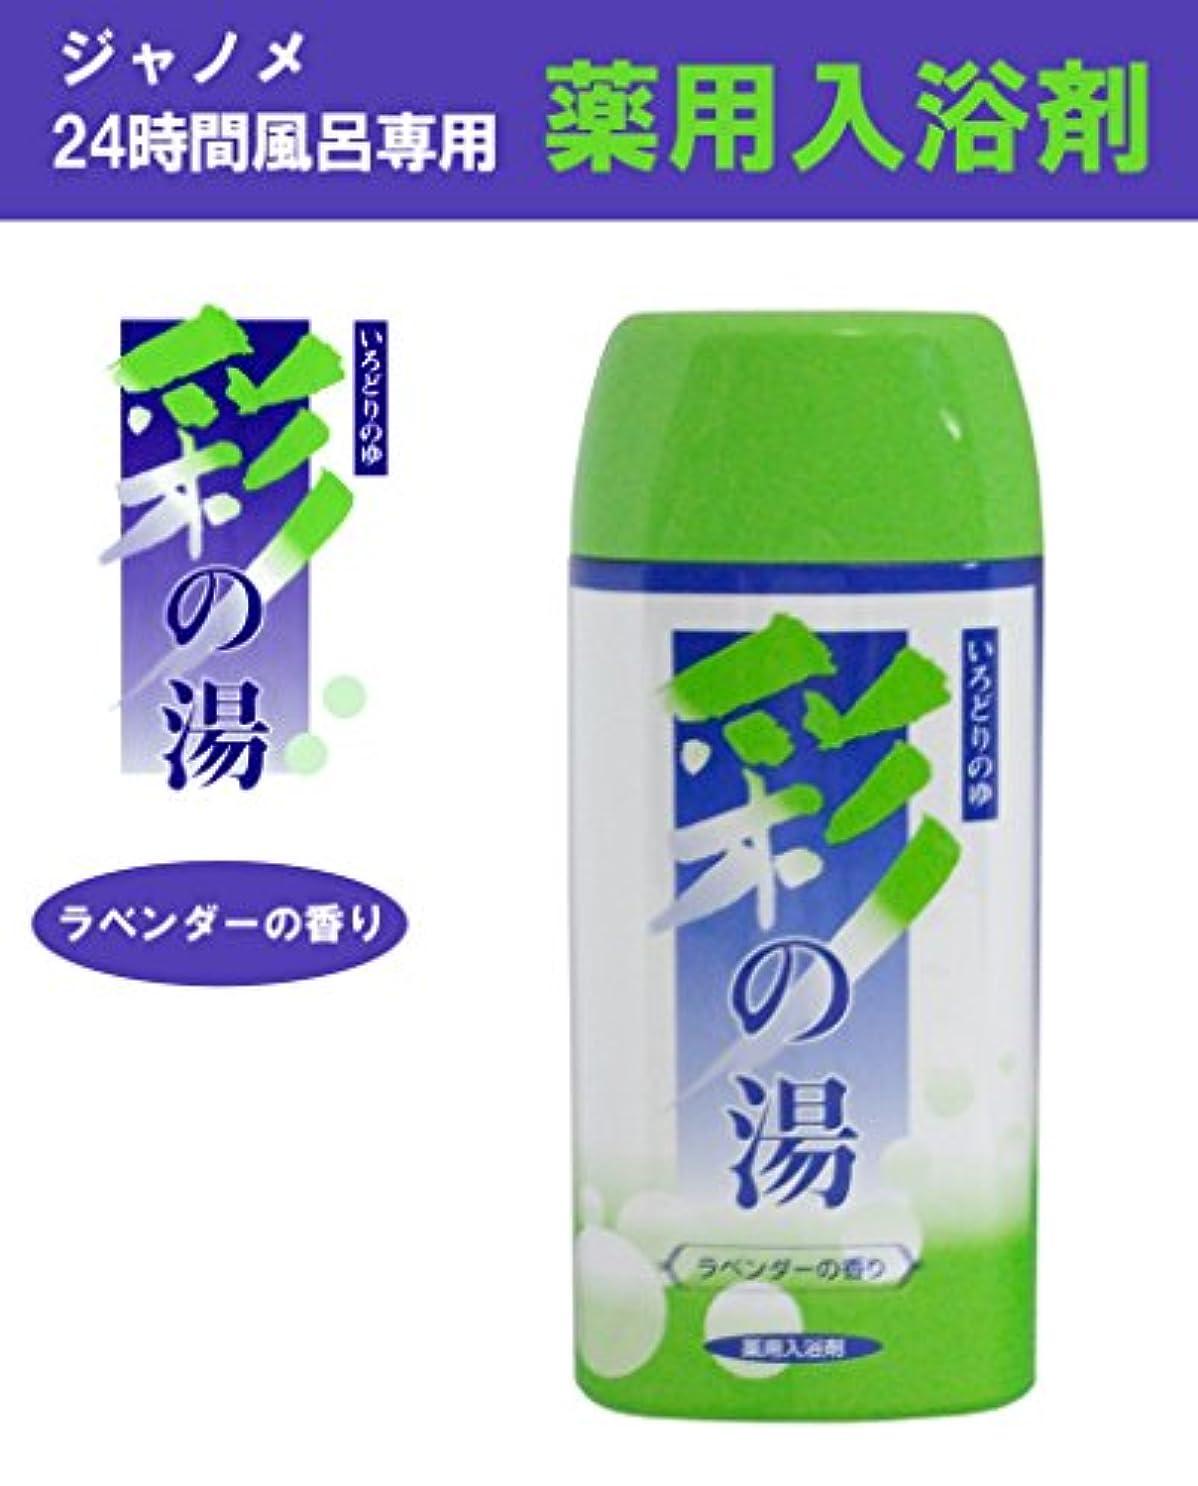 哀瞑想する虚弱ジャノメ 彩の湯 (24時間風呂専用 薬用入浴剤 ラベンダーの香り )